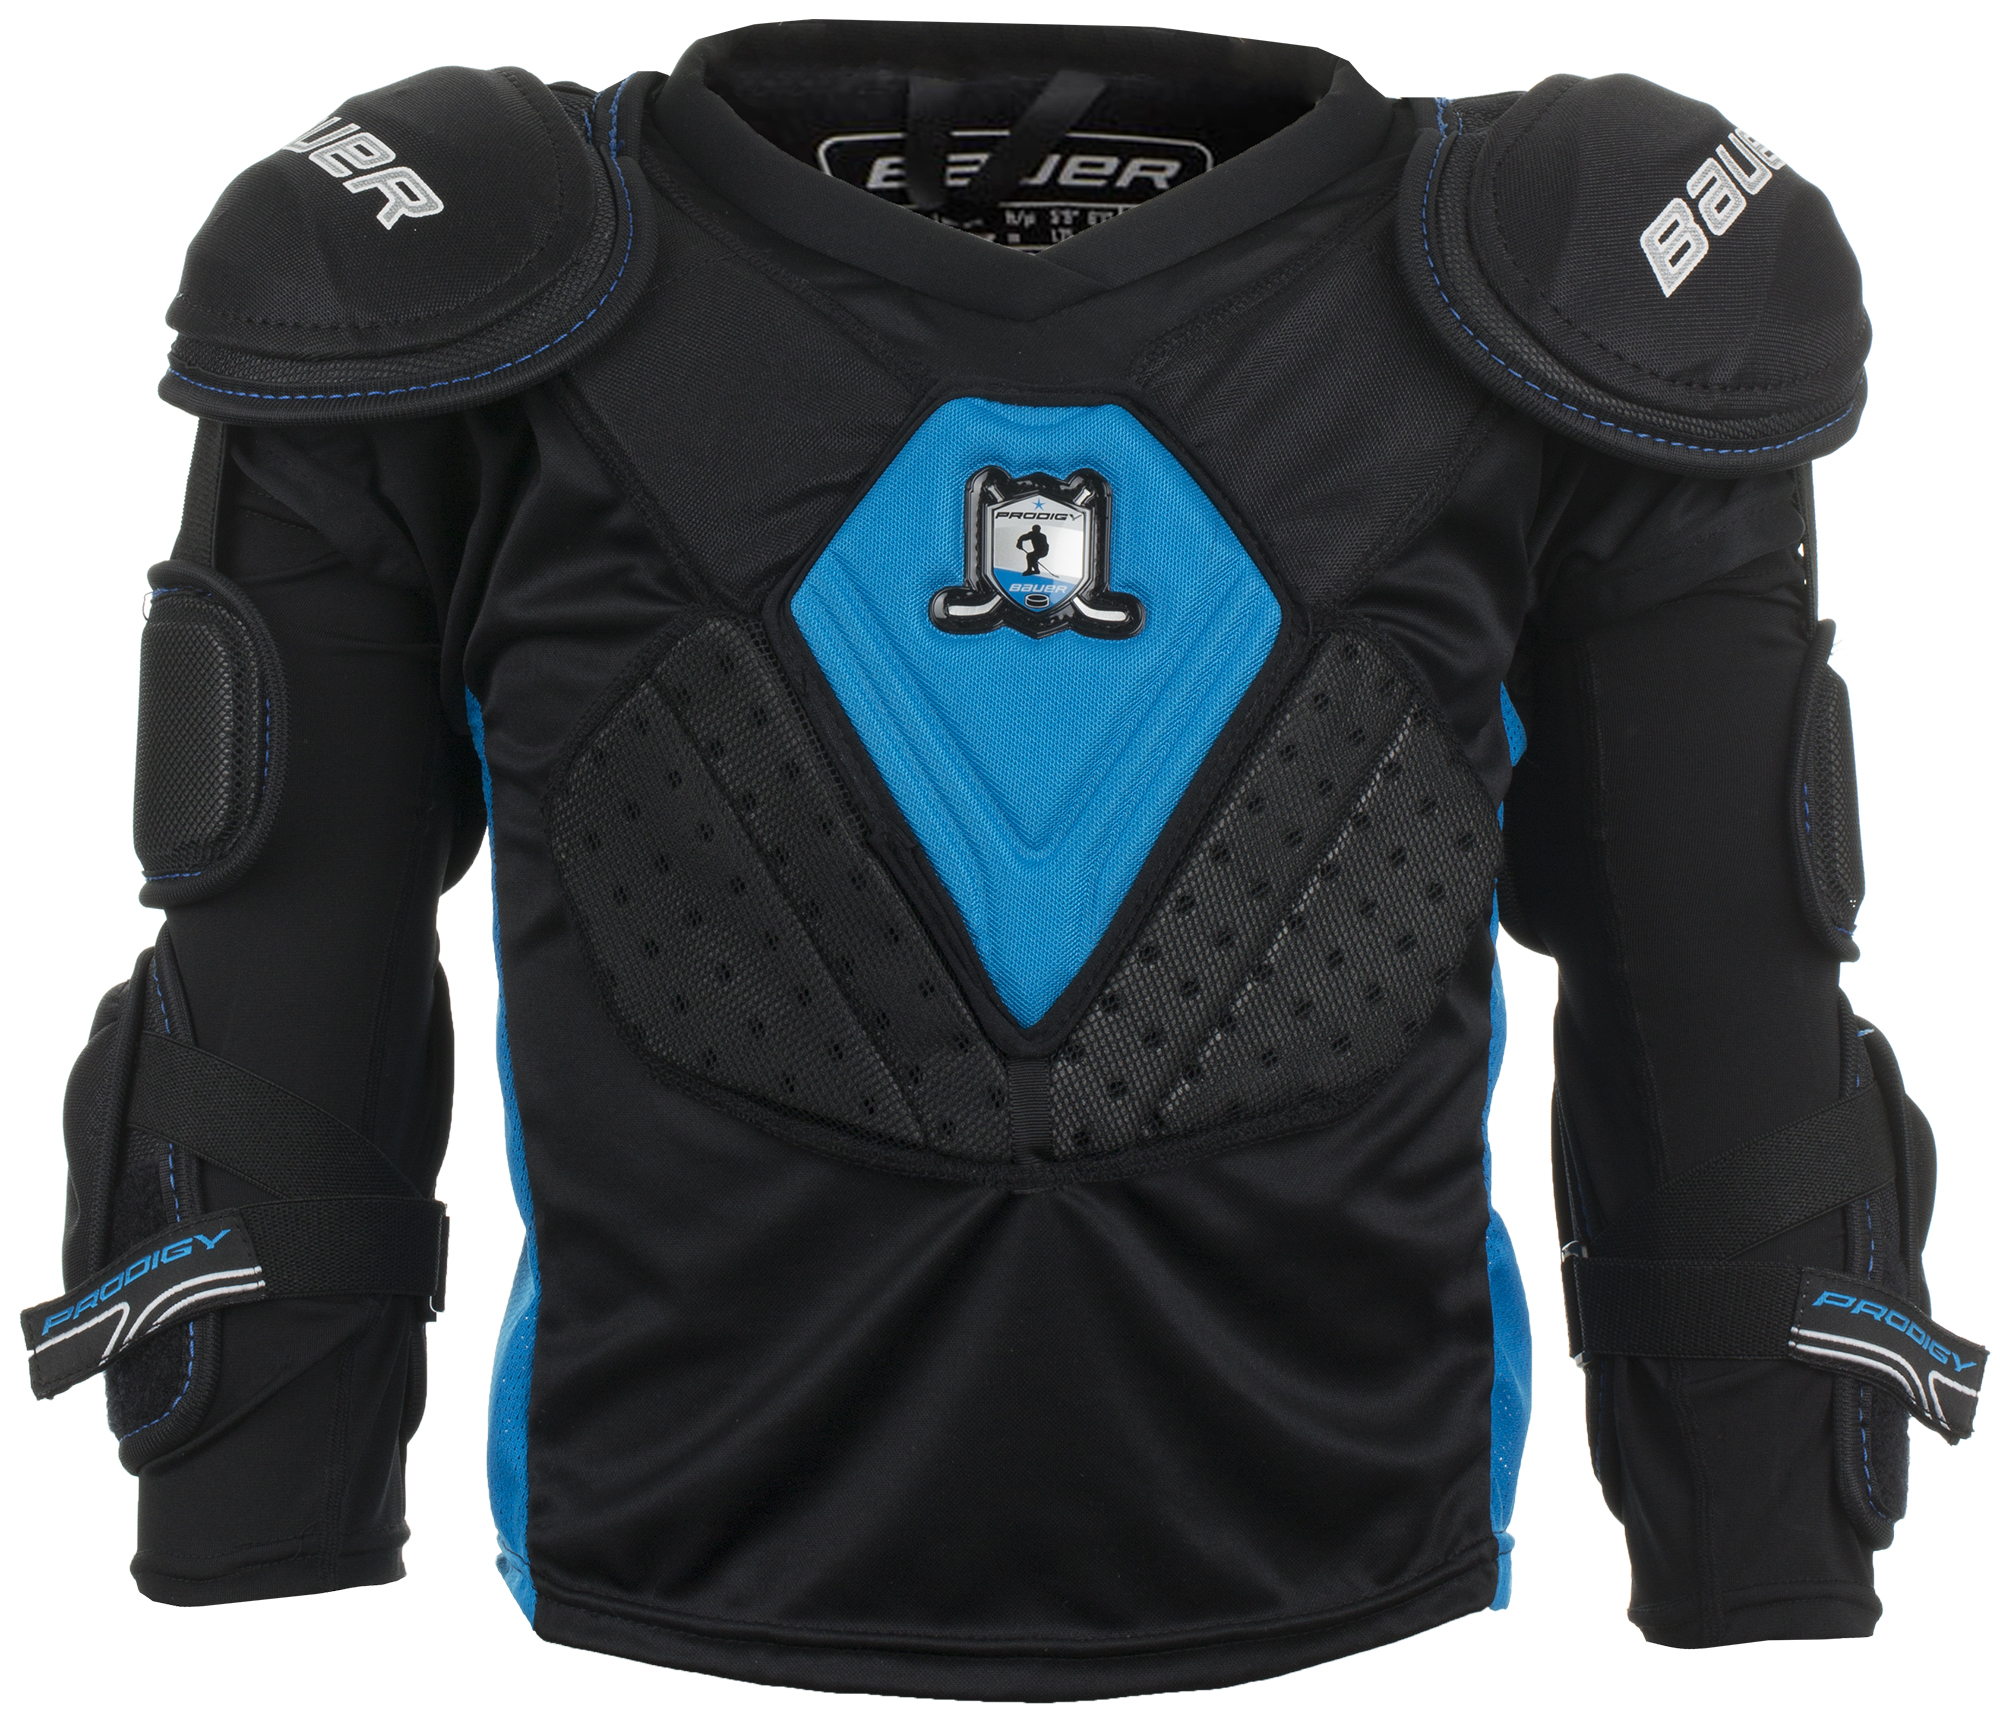 Bauer Нагрудник хоккейный юниорский Bauer Prodigy Top, размер 32-34